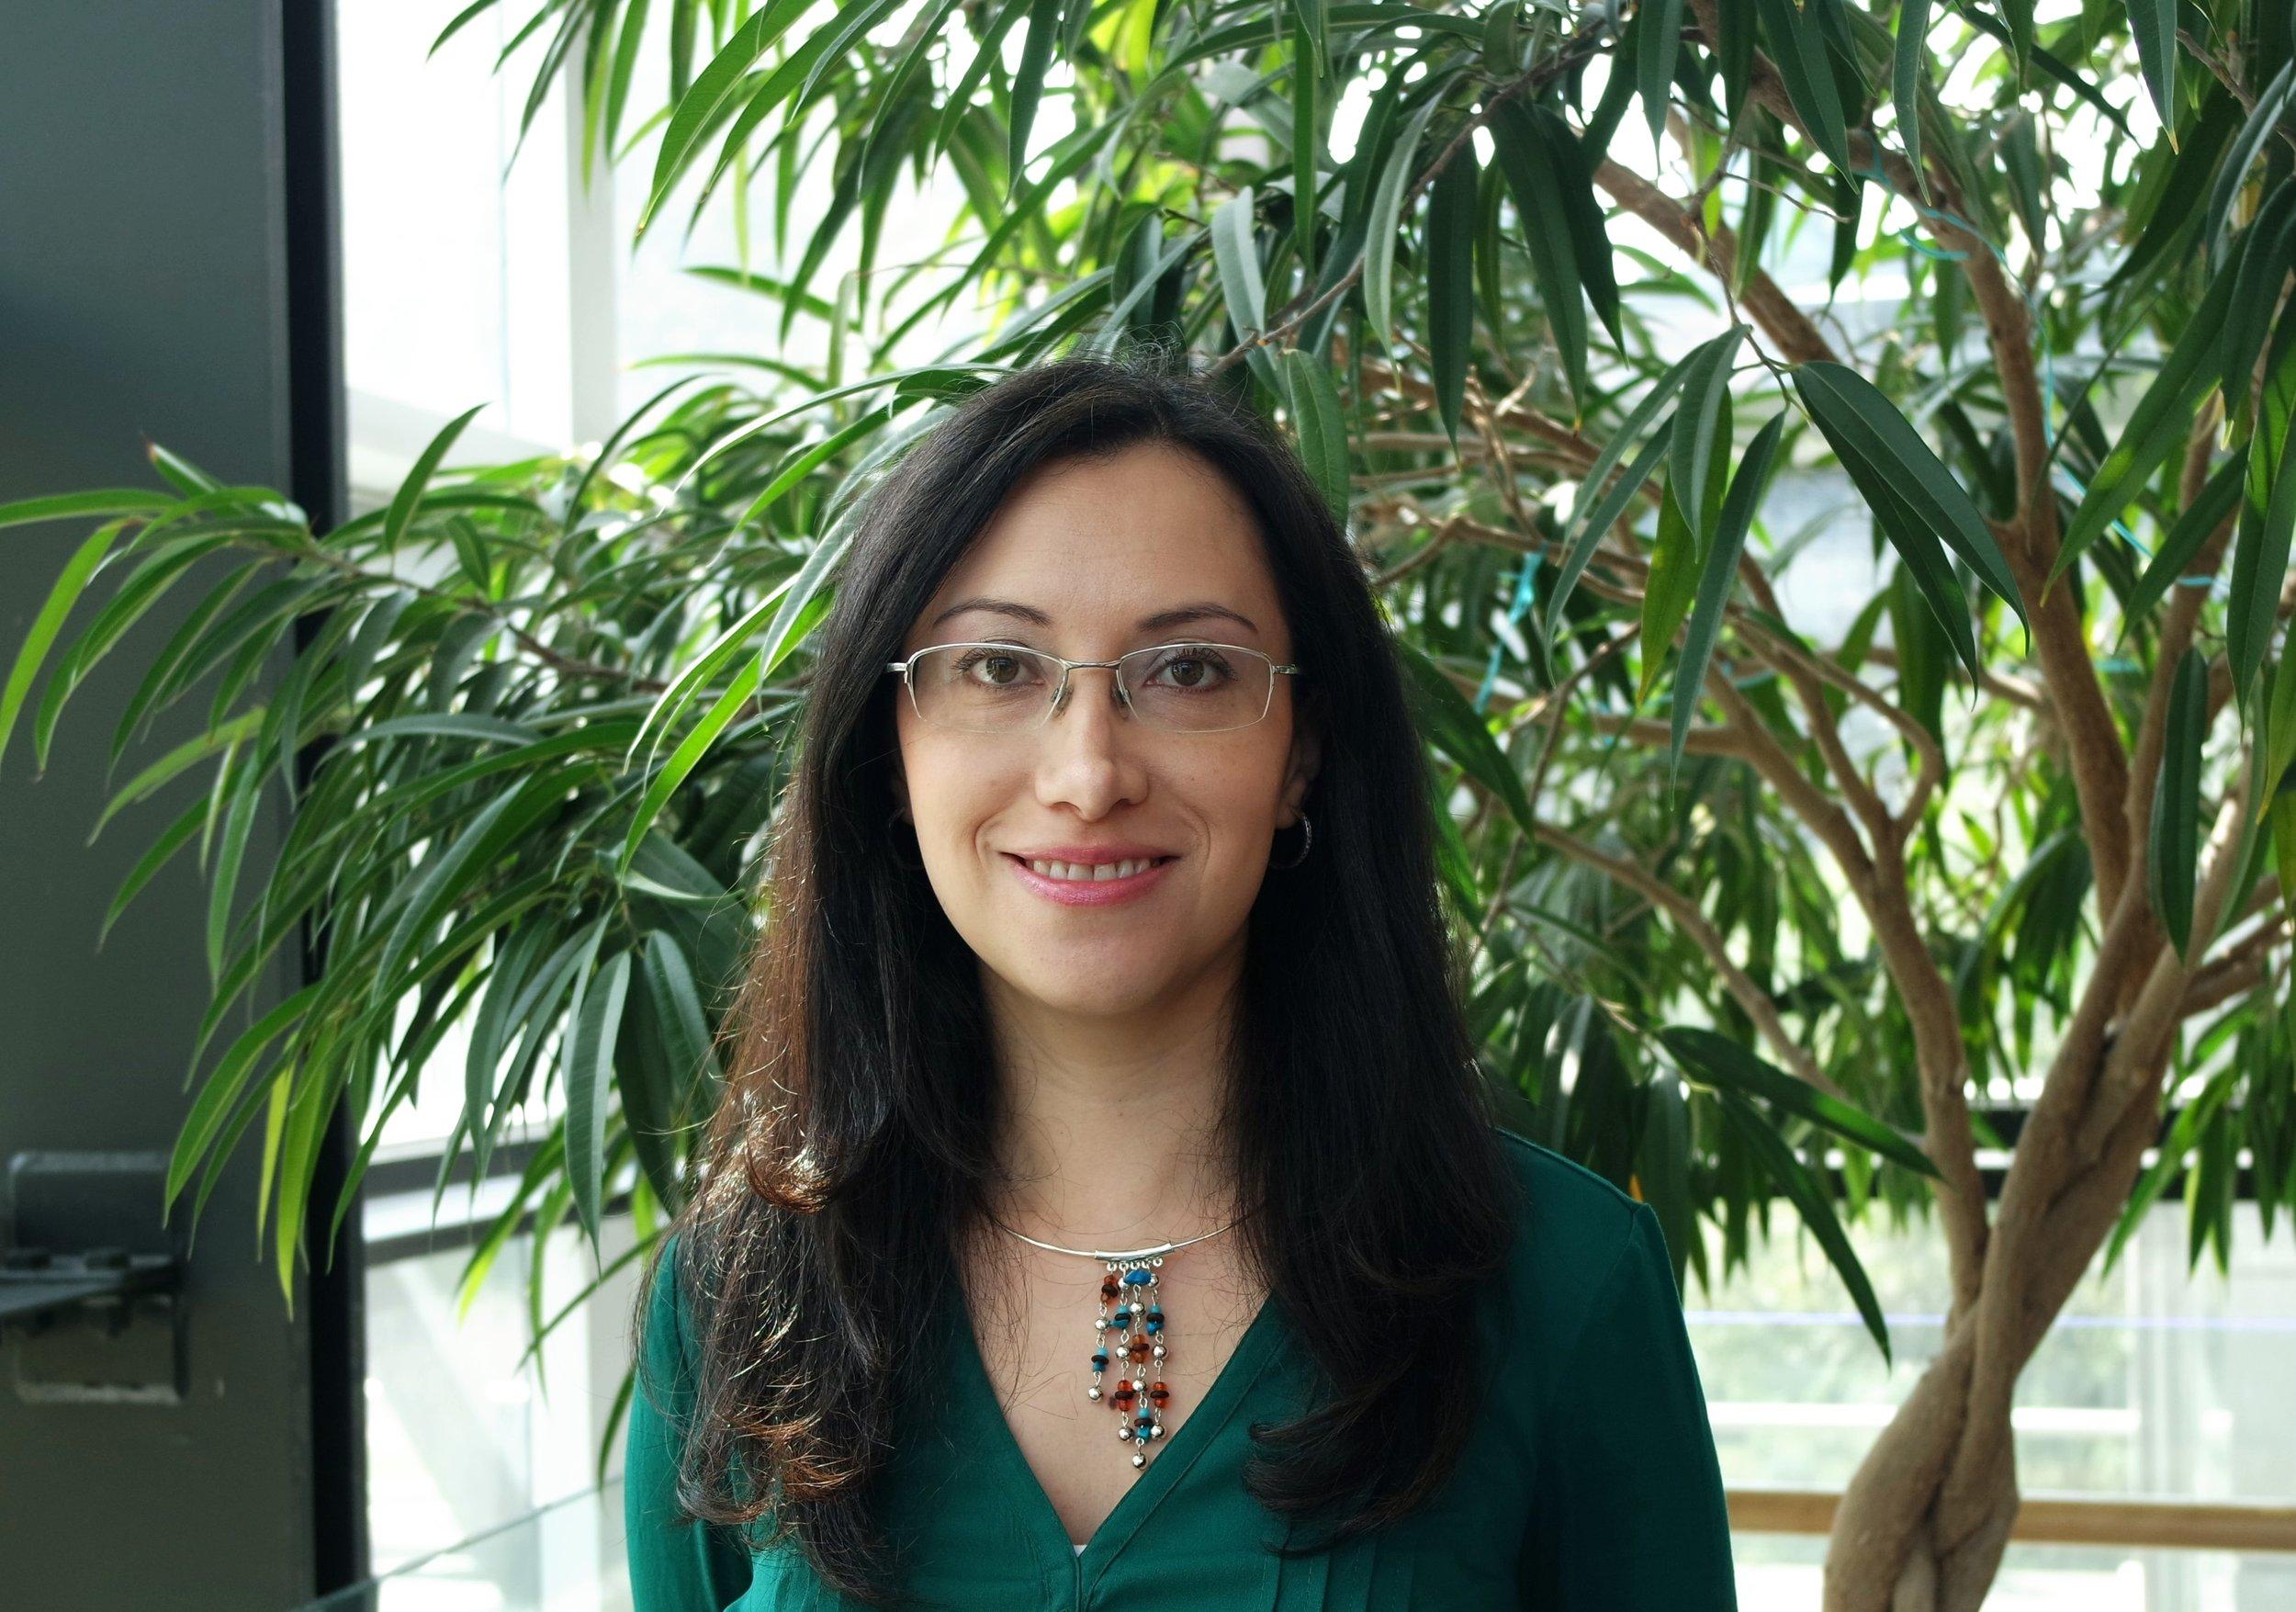 Ana Maria Gonzalez Barrero edit.JPG